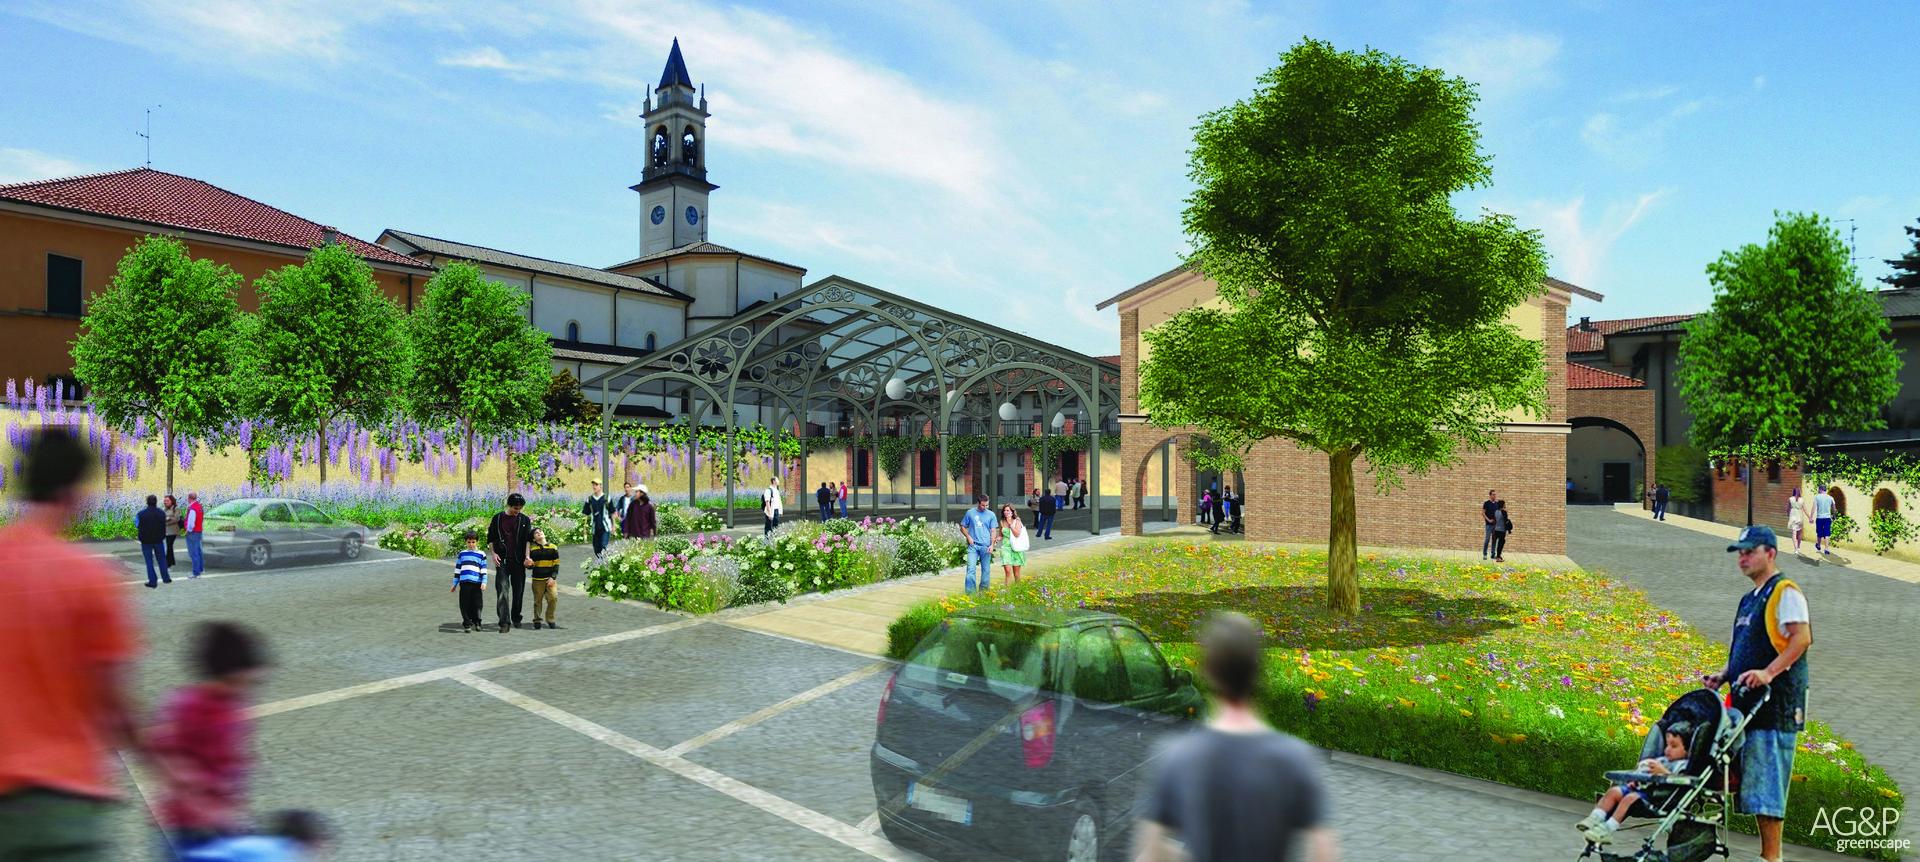 Lazzate 2020 – il borgo porta del parco